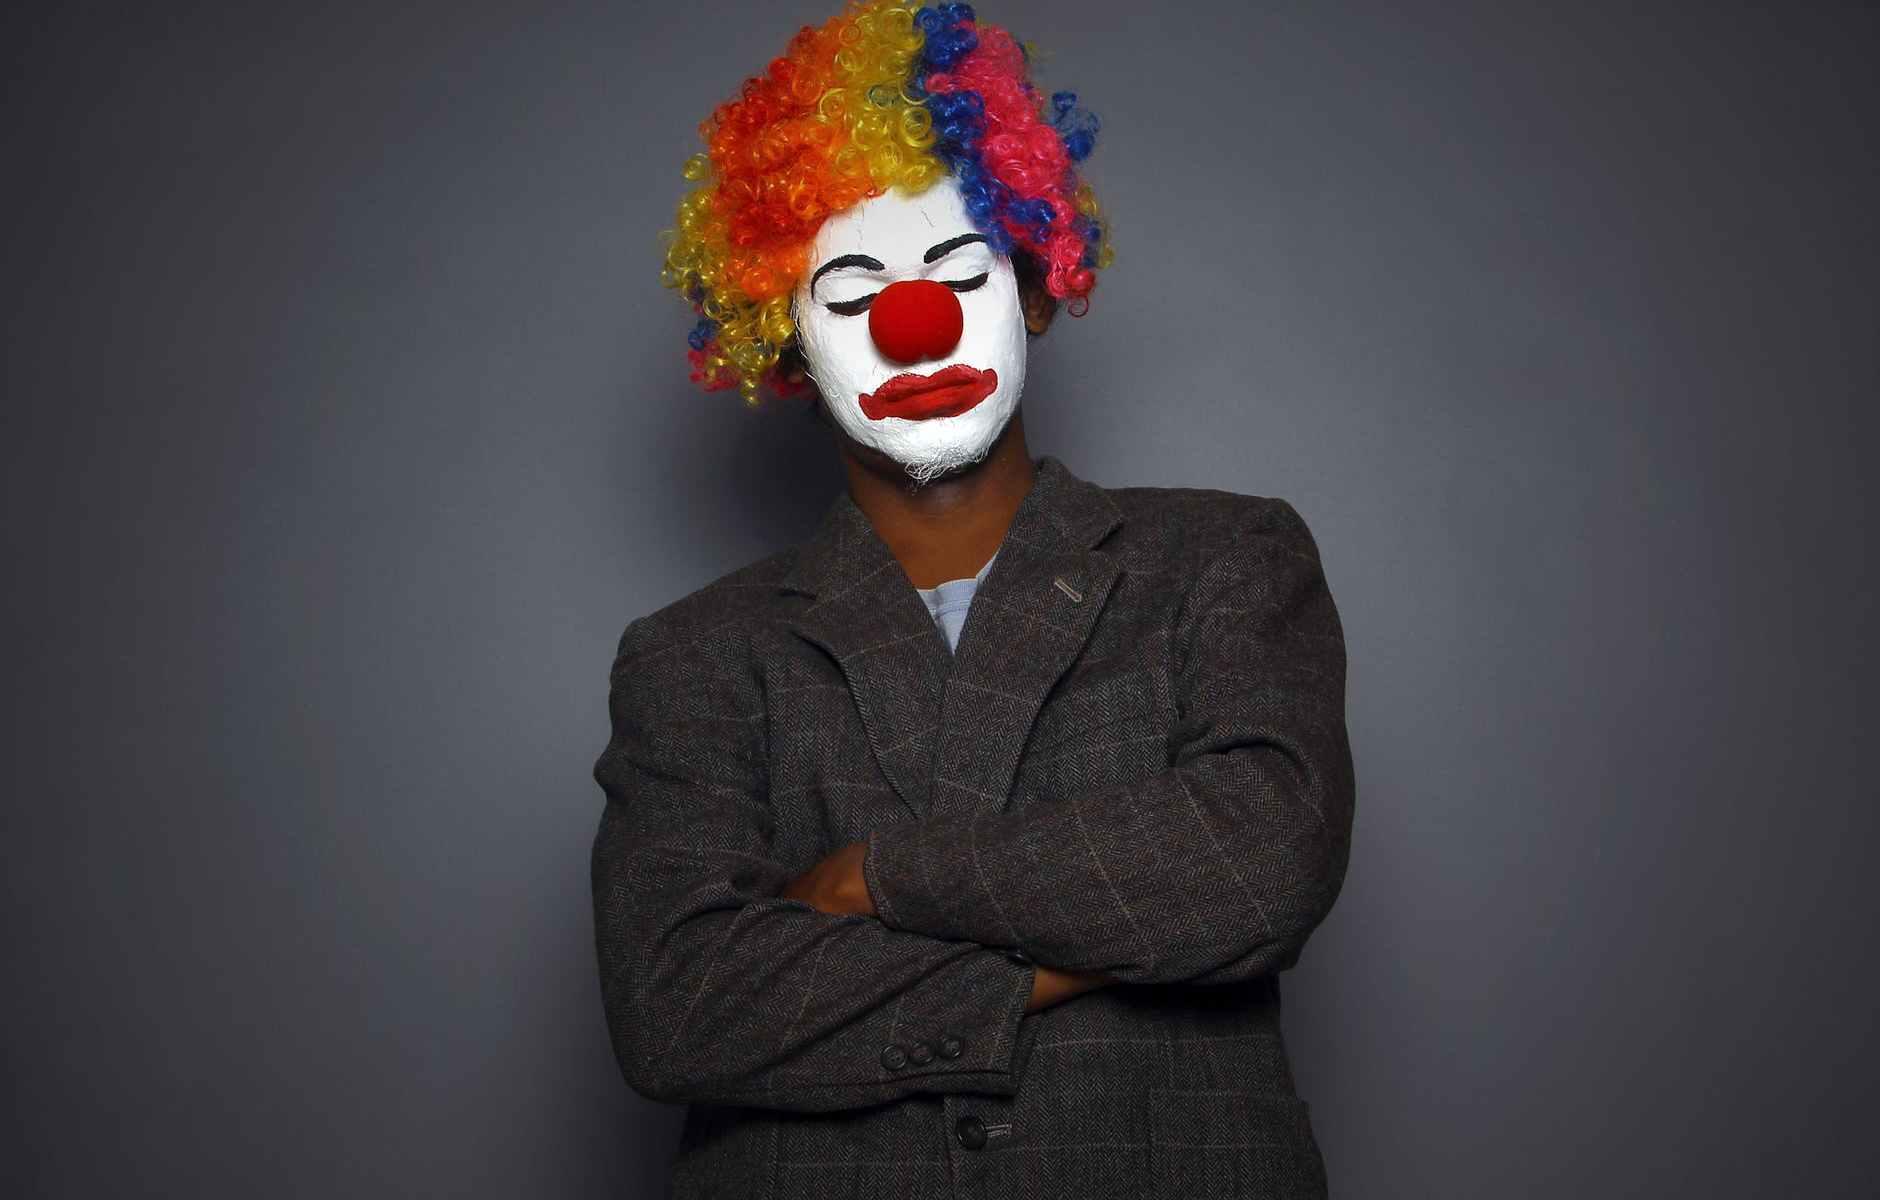 photo of a clown